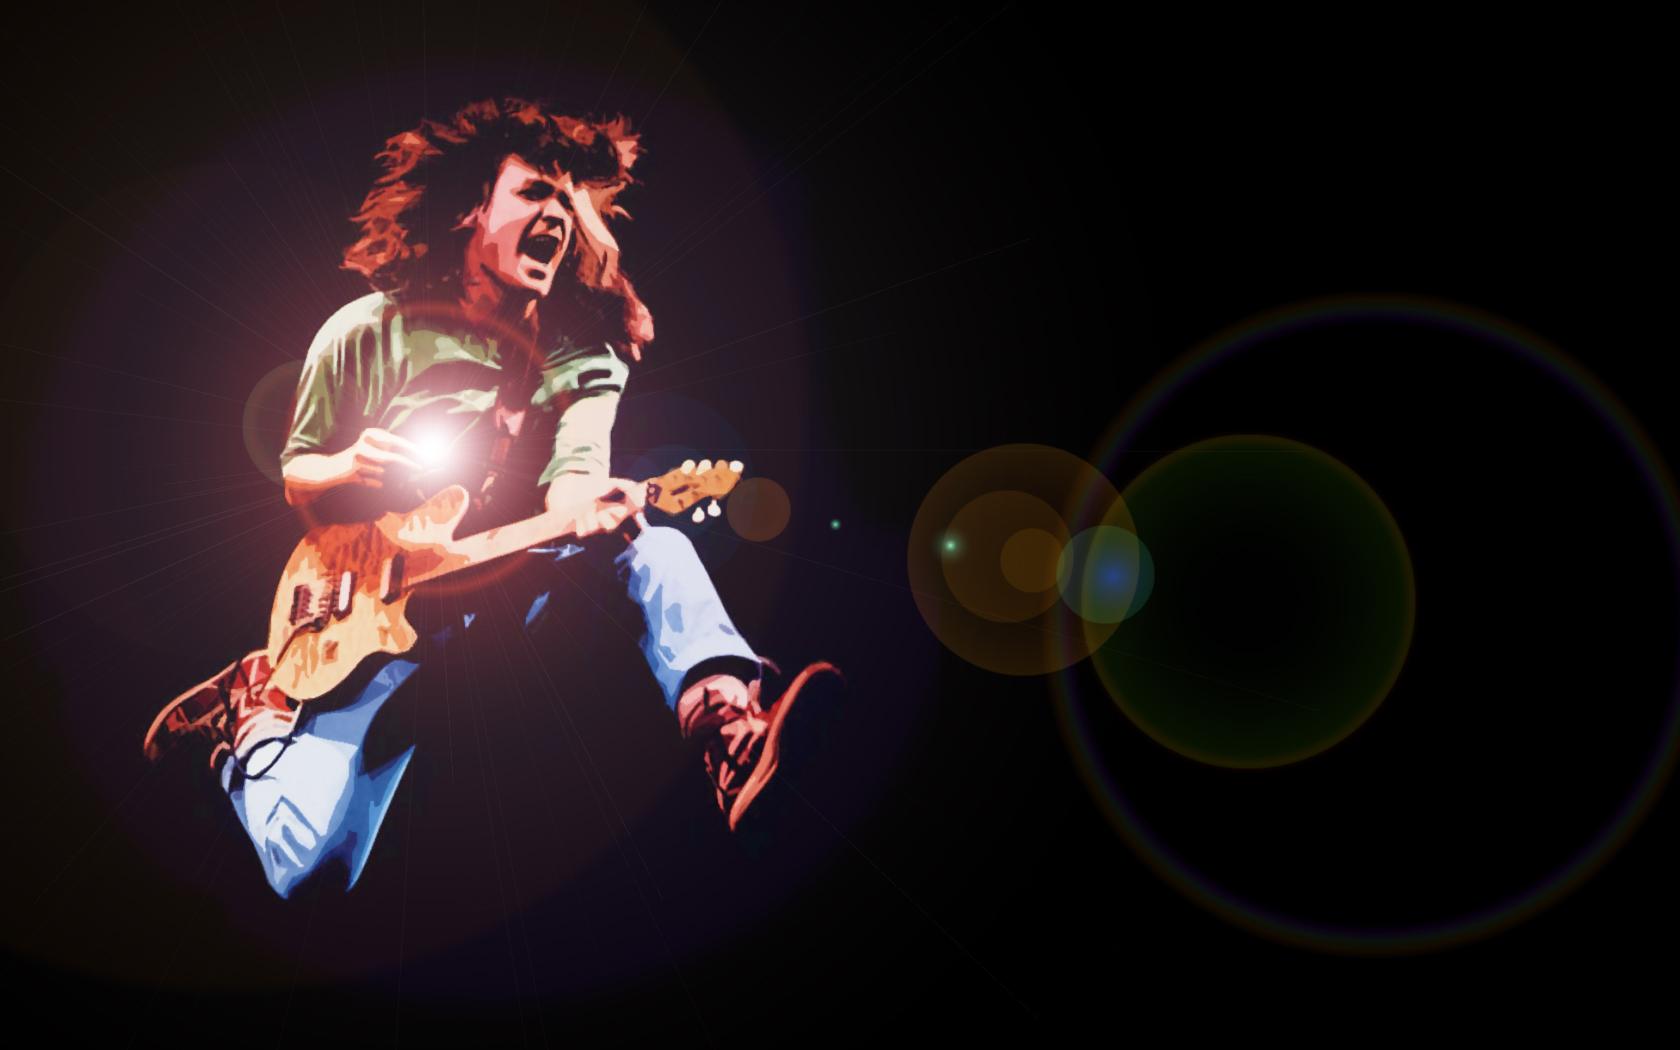 Van Halen Wallpaper by johnhorneguitar